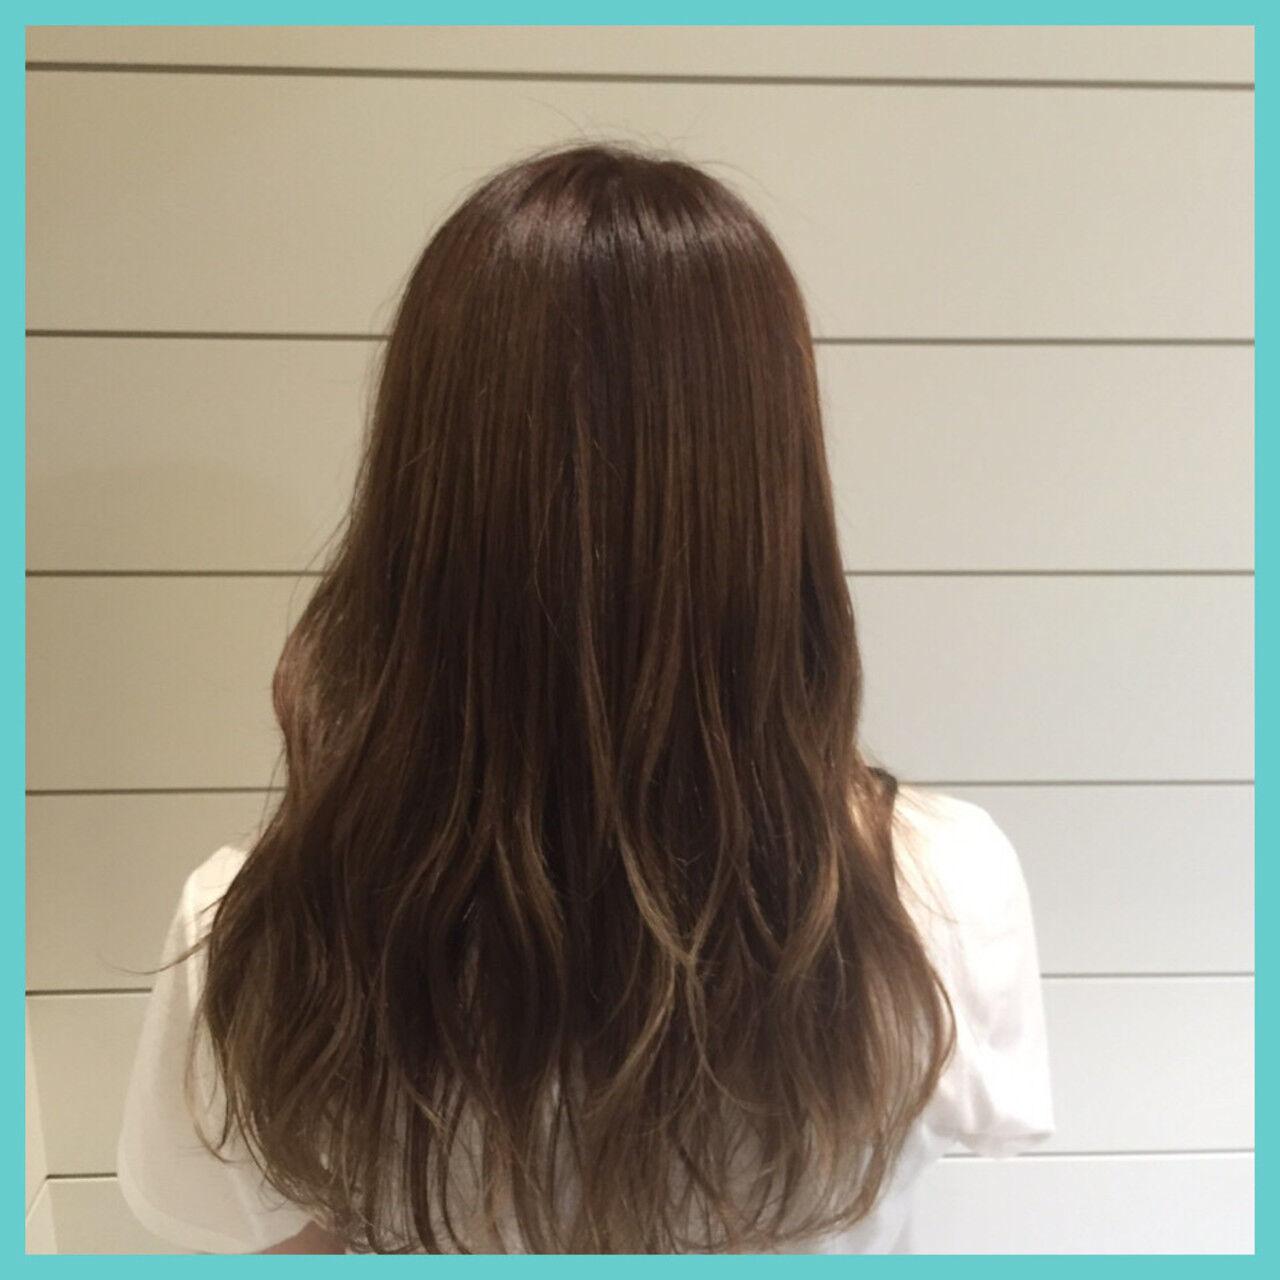 ナチュラル グラデーションカラー ゆるふわ ハイライトヘアスタイルや髪型の写真・画像